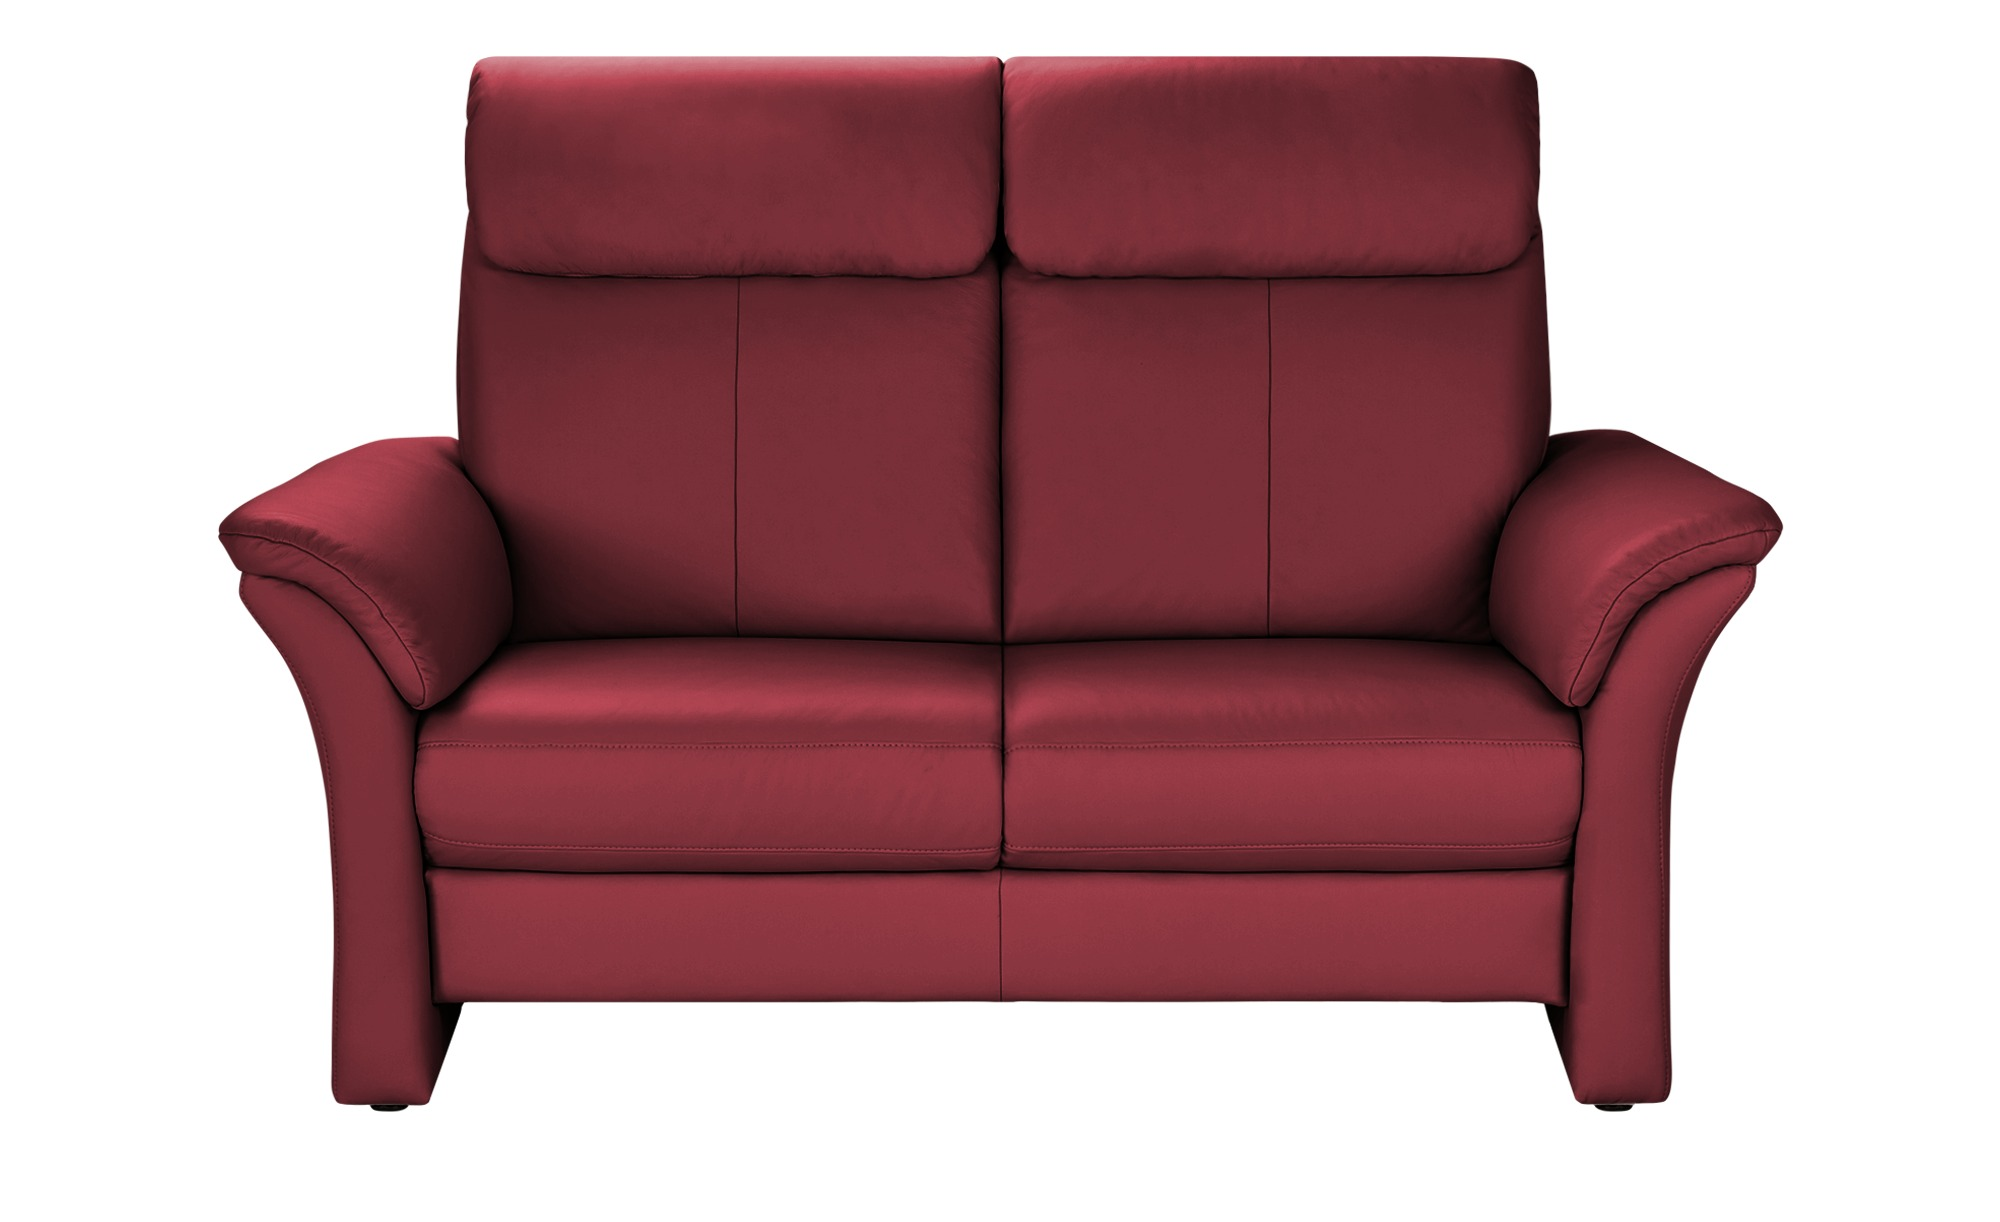 Wohnwert Sofa 2-Sitzer  Lena ¦ rot ¦ Maße (cm): B: 168 H: 107 T: 97 Polstermöbel > Sofas > 2-Sitzer - Höffner